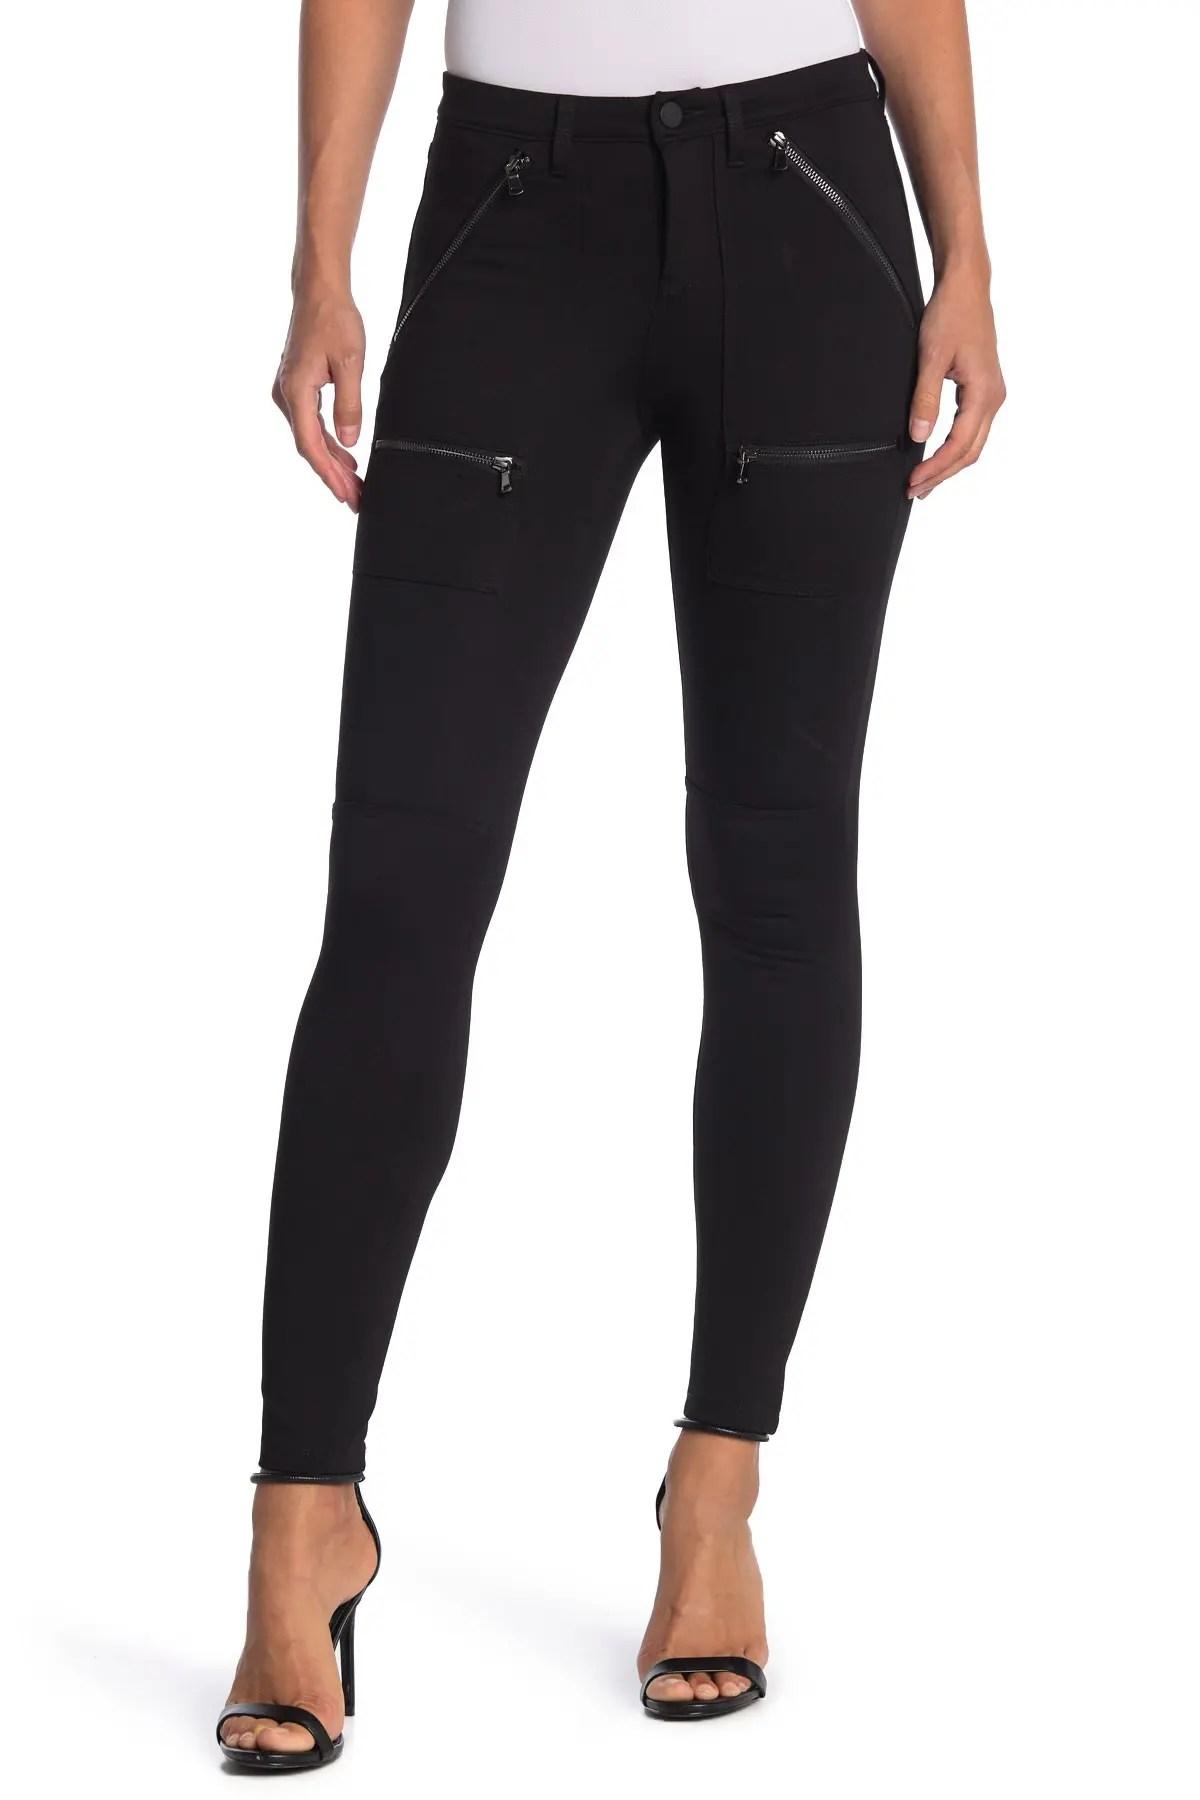 blanknyc denim solid ponte zip pocket skinny pants nordstrom rack